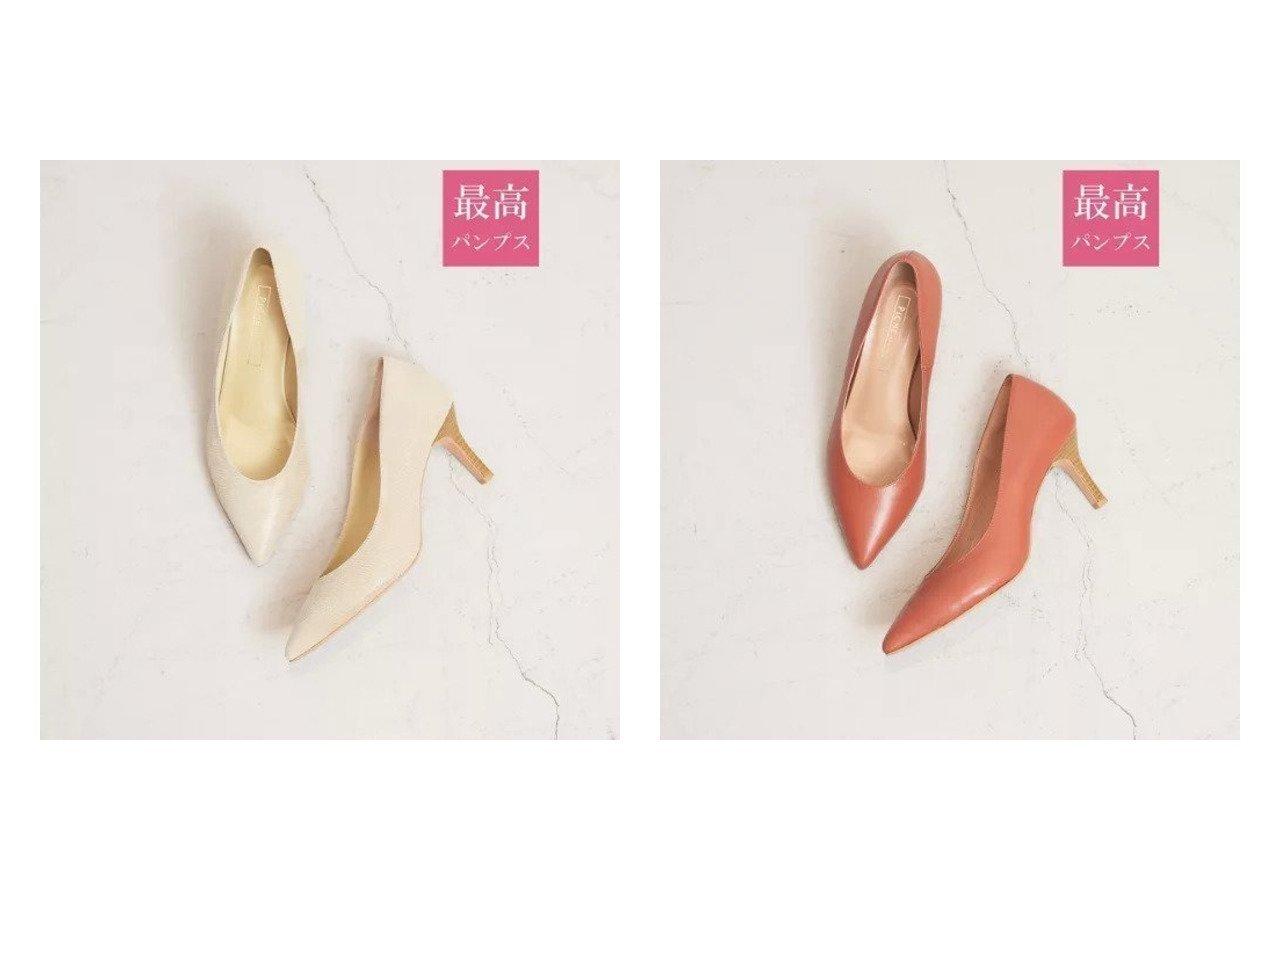 【Piche Abahouse/ピシェ アバハウス】の【最高パンプス/7cmヒール】美脚 快適 パンプス シューズ・靴のおすすめ!人気、トレンド・レディースファッションの通販 おすすめで人気の流行・トレンド、ファッションの通販商品 メンズファッション・キッズファッション・インテリア・家具・レディースファッション・服の通販 founy(ファニー) https://founy.com/ ファッション Fashion レディースファッション WOMEN インソール カッティング クッション シューズ 定番 Standard フィット ベーシック おすすめ Recommend |ID:crp329100000022566